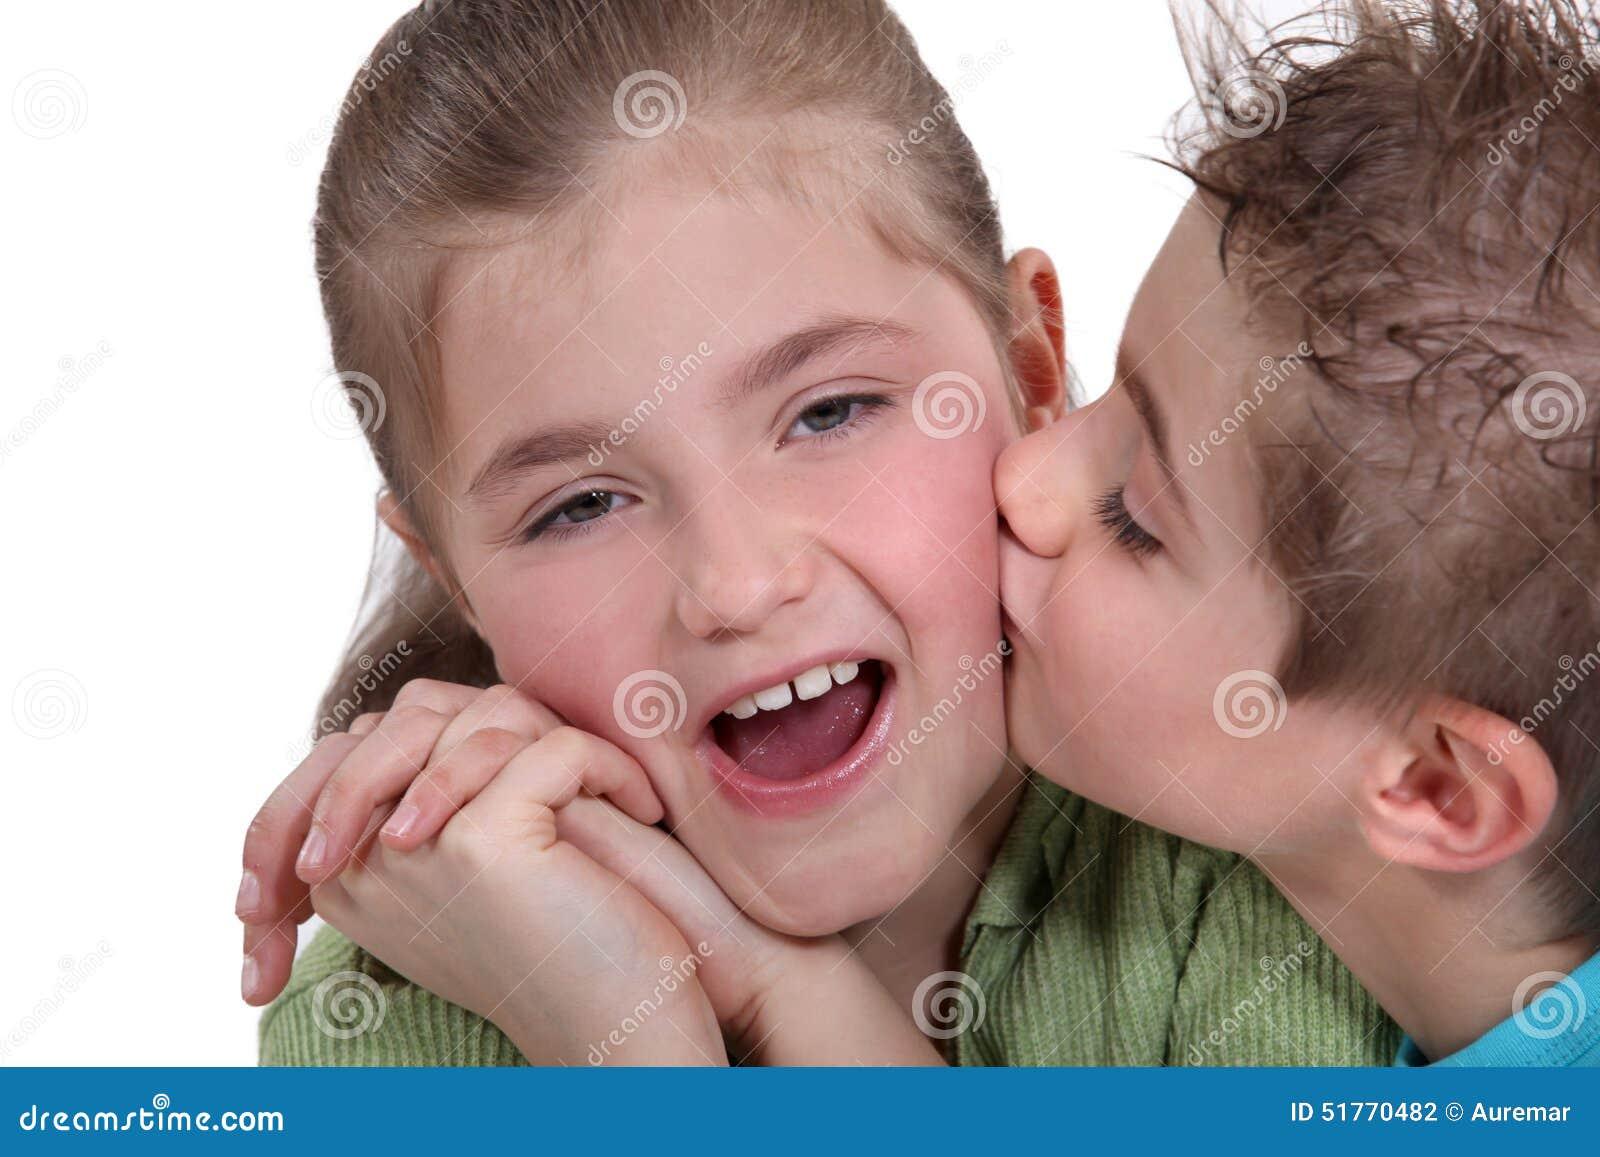 Реальное съемка секс брата с сестрой 12 фотография